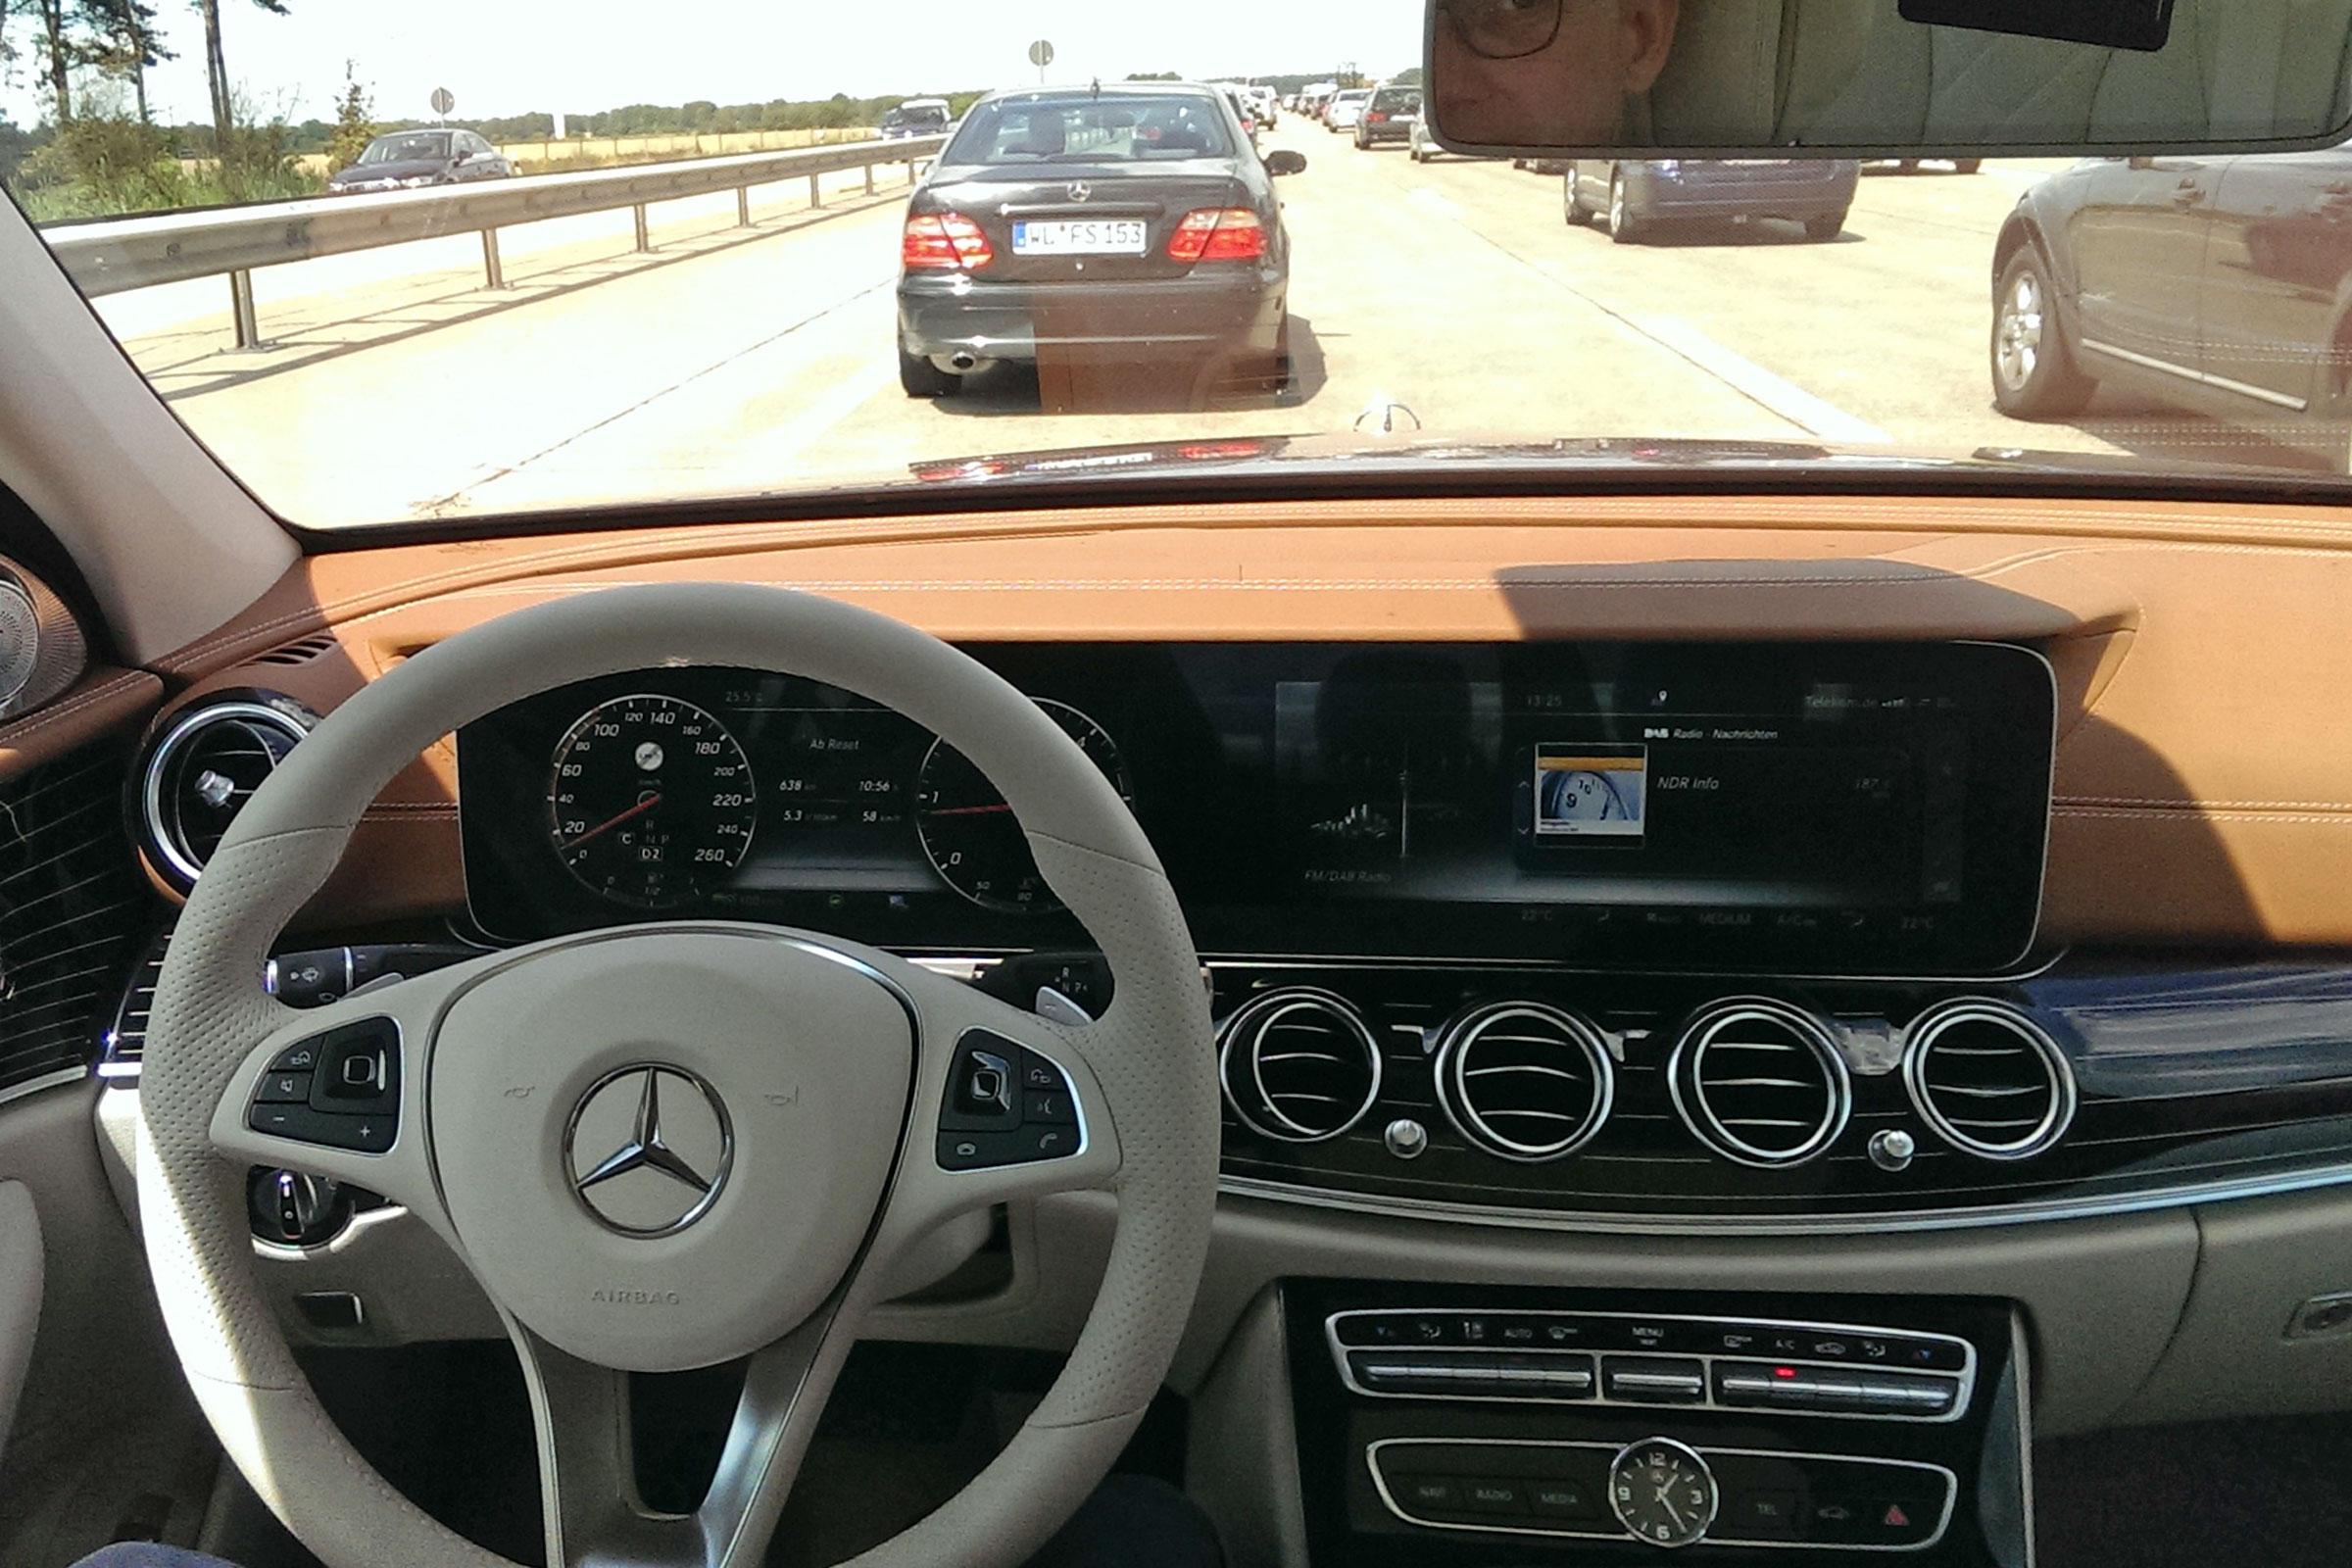 Drive Pilot vs Autopilot